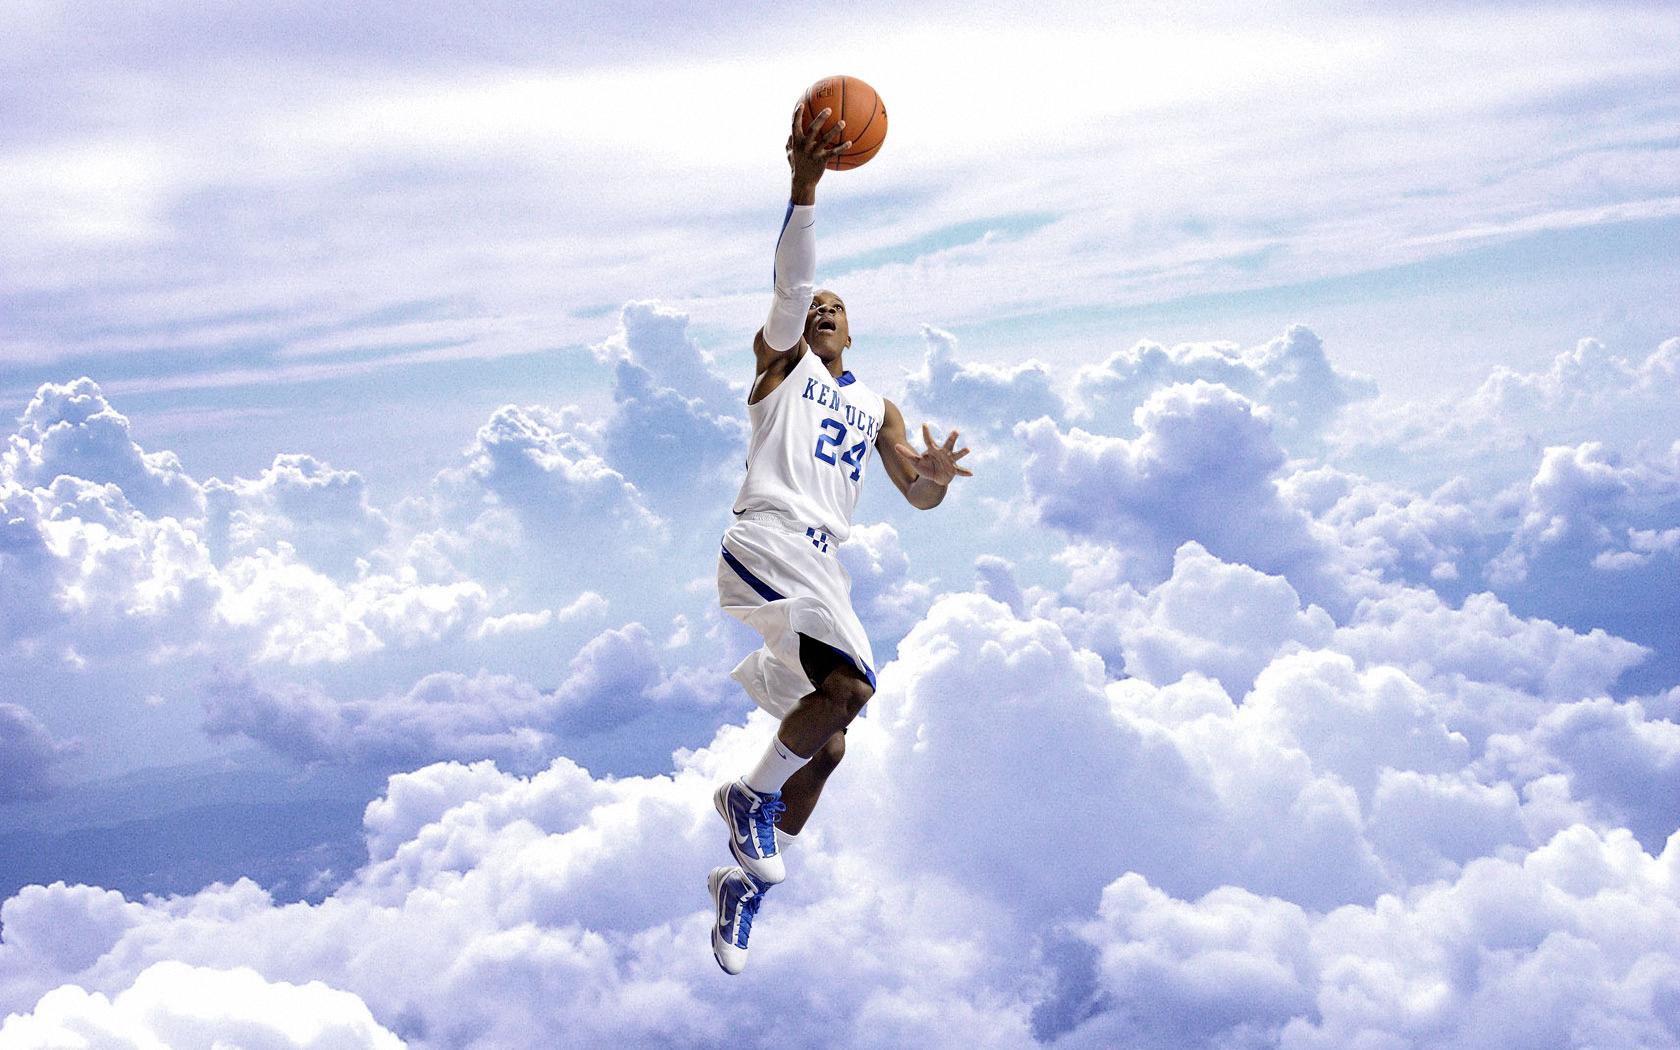 крутые картинки про баскетбол